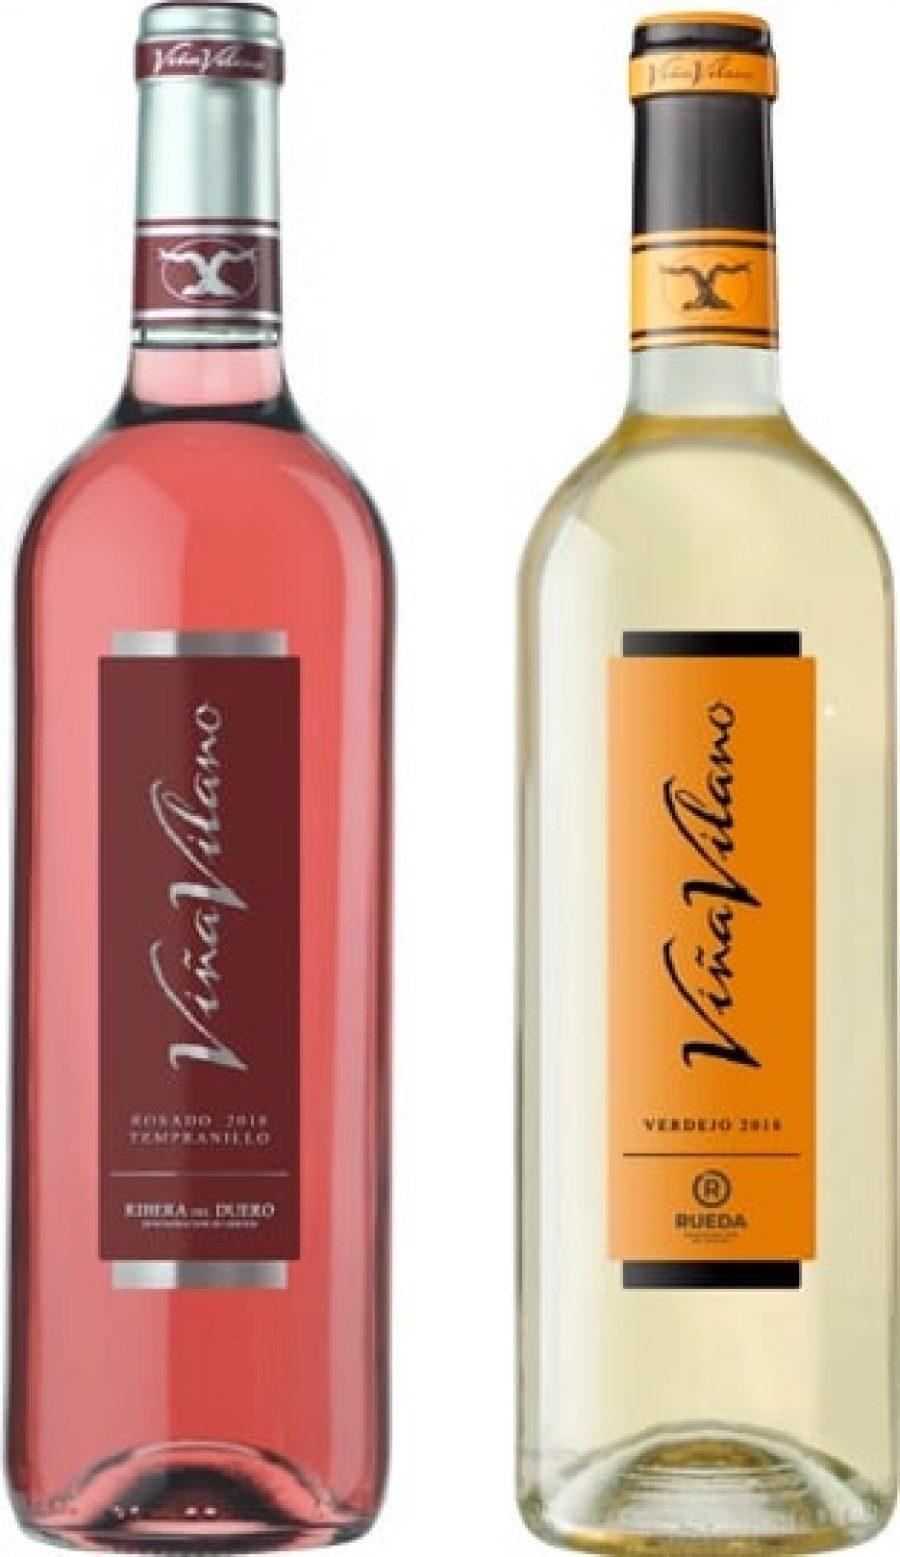 Bodegas Vilano presenta la nueva añada de sus vinos rosado y verdejo